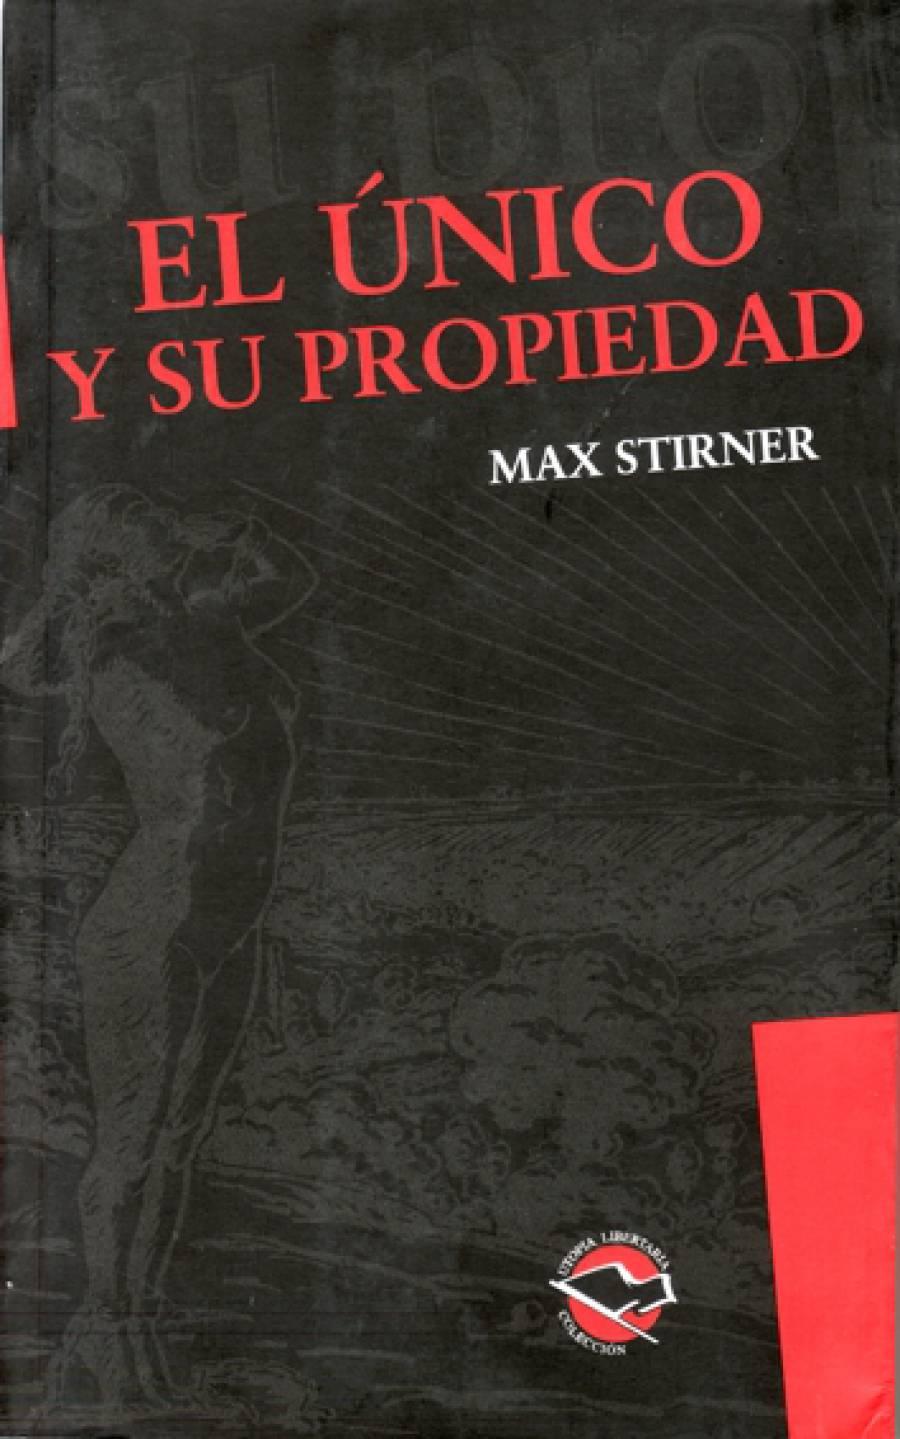 stirner-el-unico-y-su-propiedad2.jpg